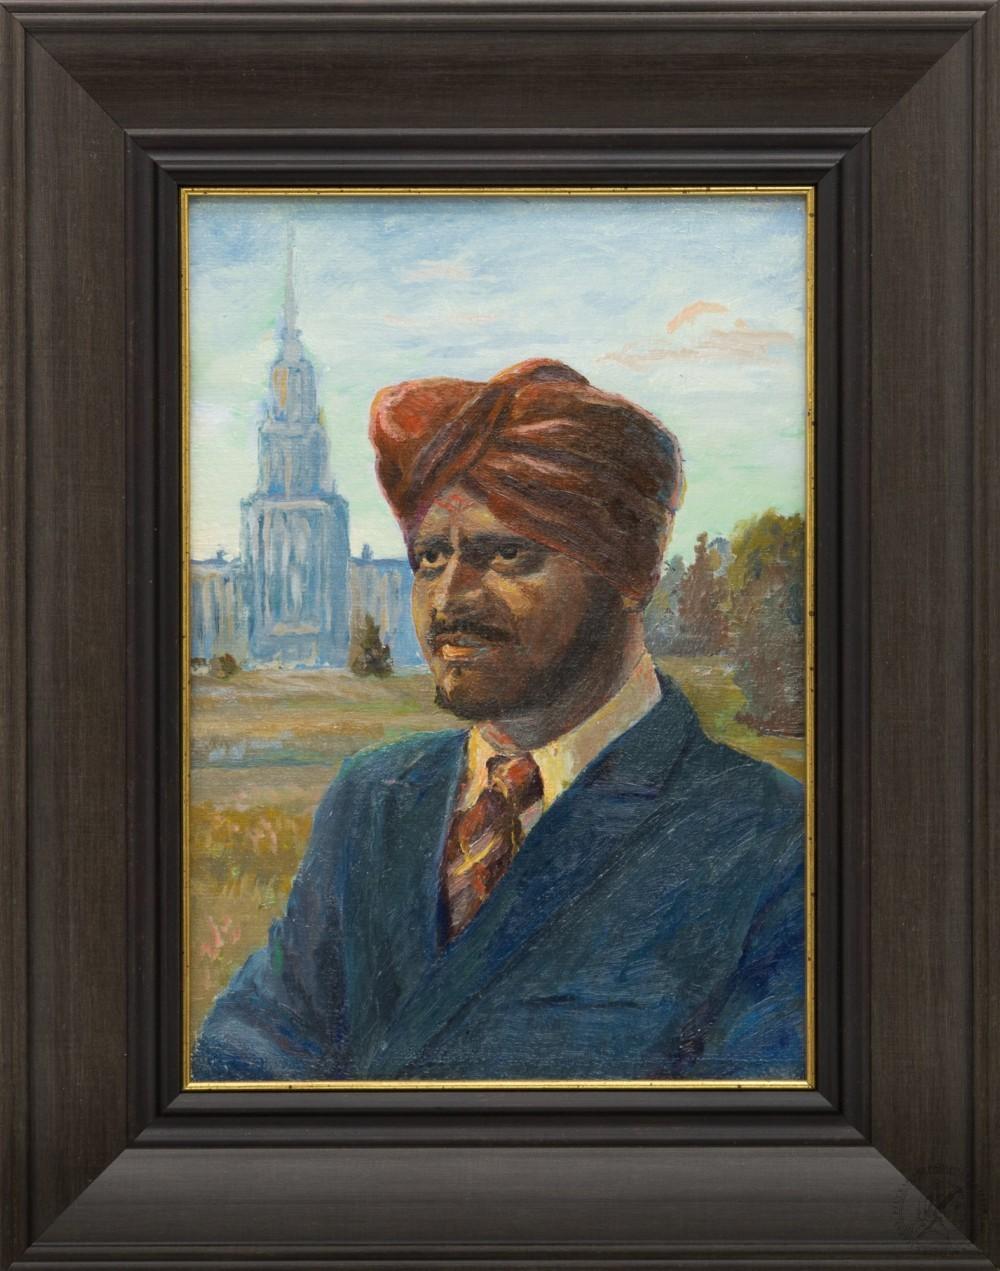 Картина «Портрет на фоне МГУ»